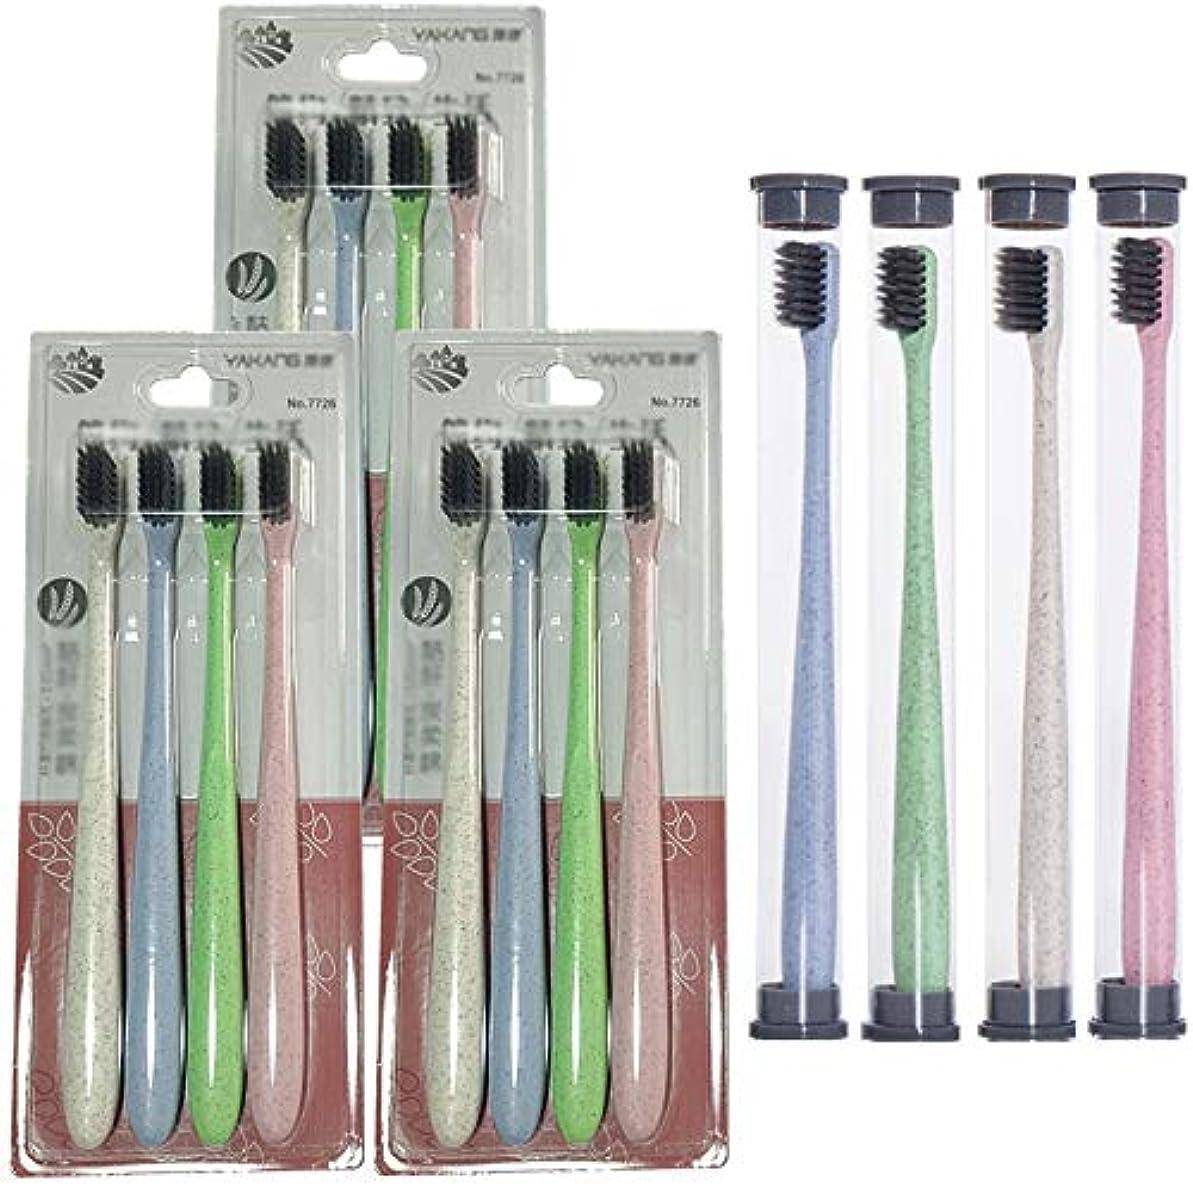 スイサワーひばり歯ブラシ 16すべての大人のための適切なスティック歯ブラシ、歯ブラシバルク、歯ブラシソフト、携帯用歯ブラシ、 KHL (色 : 16 packs)